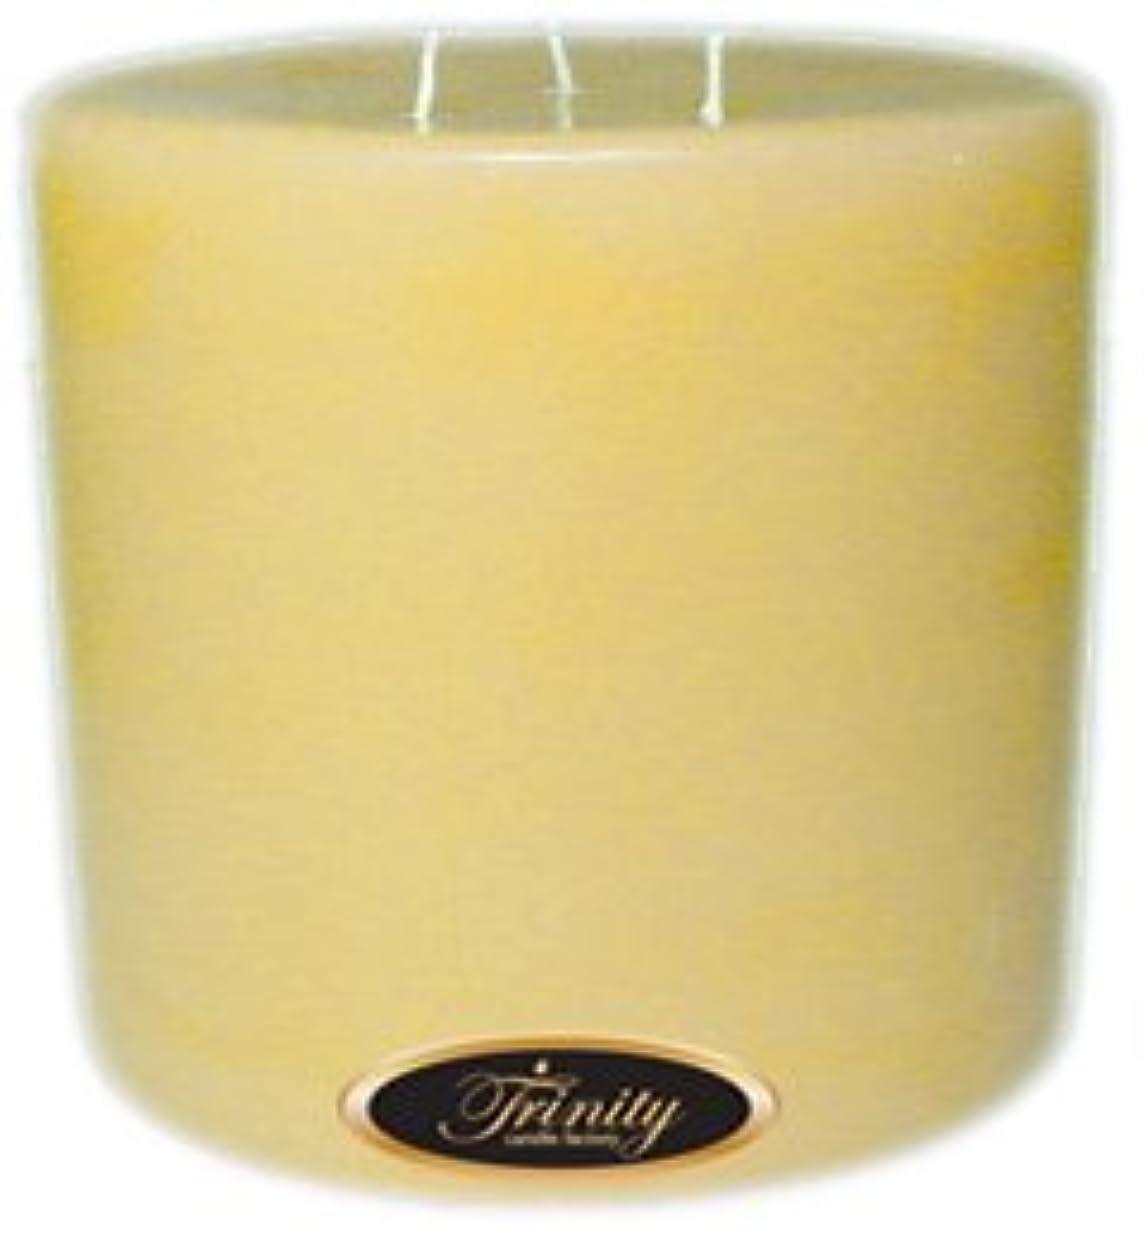 絶えずバレーボール売り手Trinity Candle工場 – クリーミーバニラ – Pillar Candle – 6 x 6